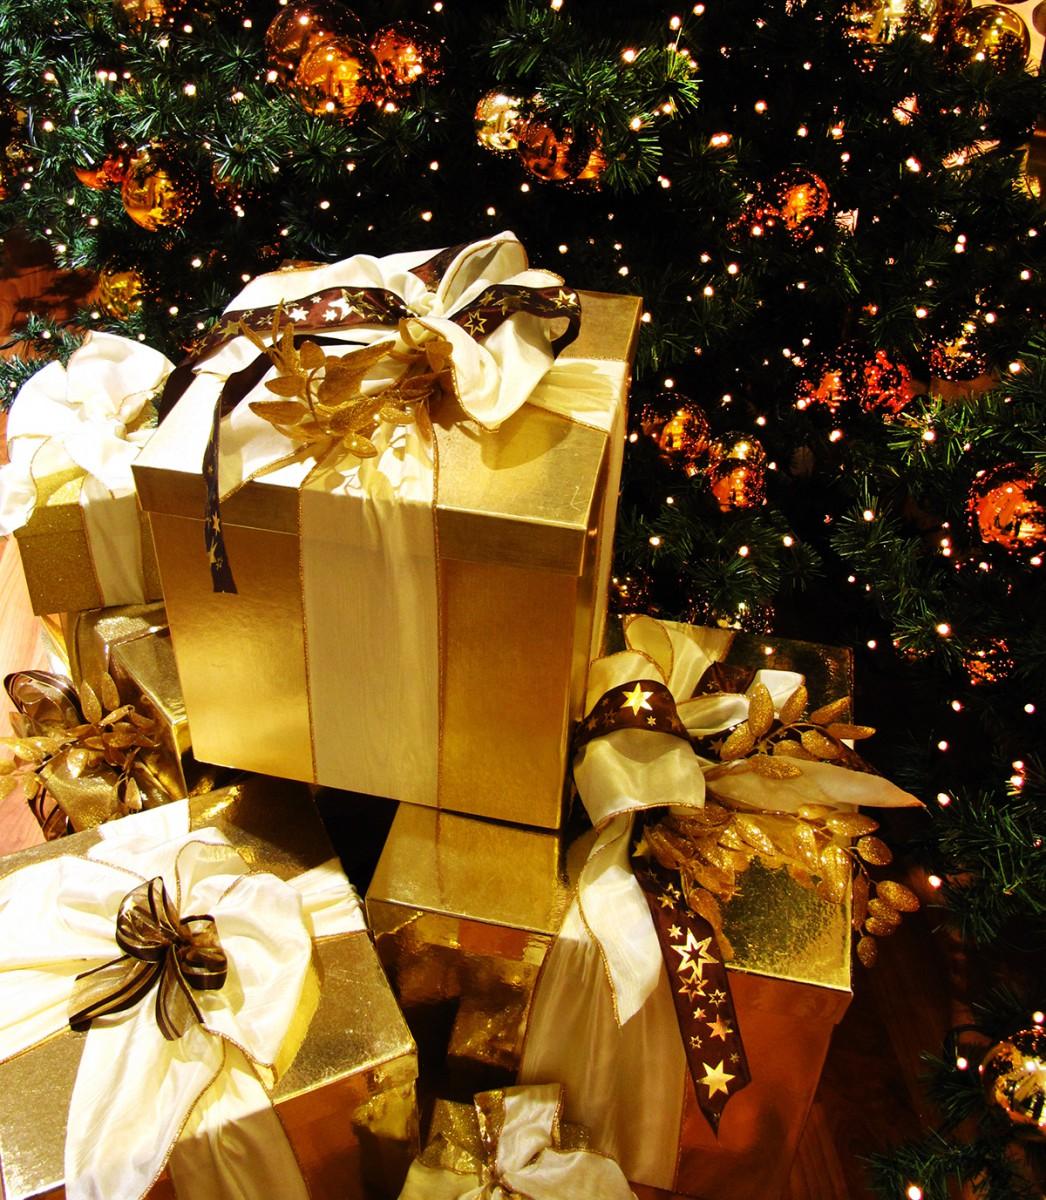 So verpackst Du Geschenke nachhaltig!